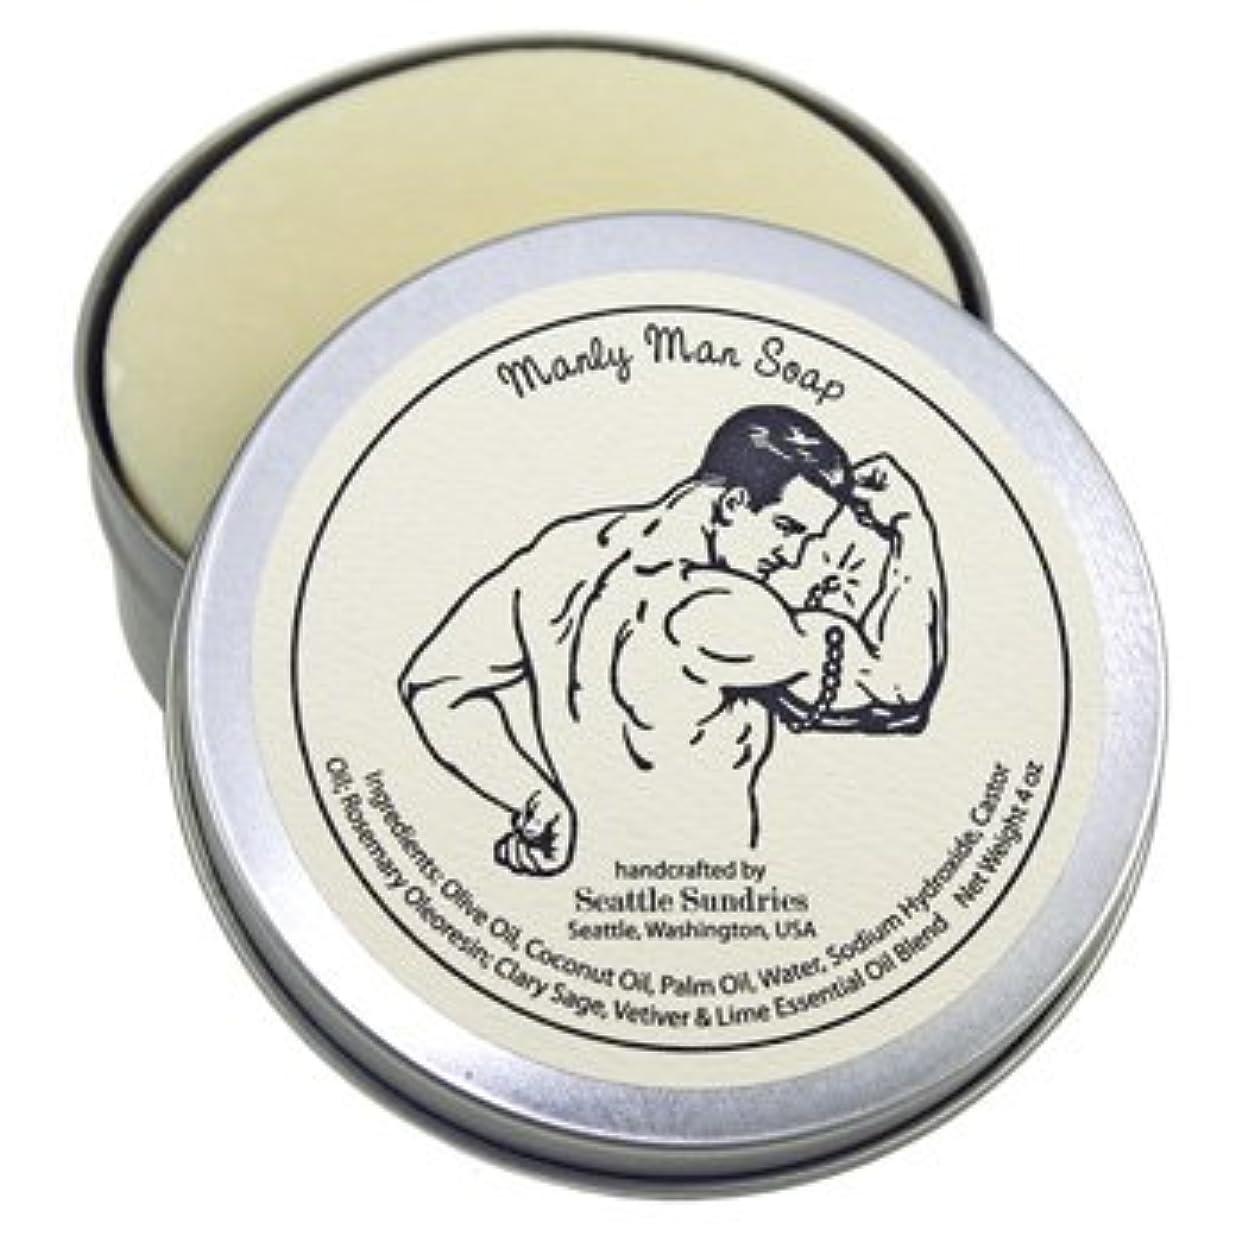 アイデアチラチラするフローティングシアトル石鹸 Manly Man / 雄々しい男 Seattle Sundries社製